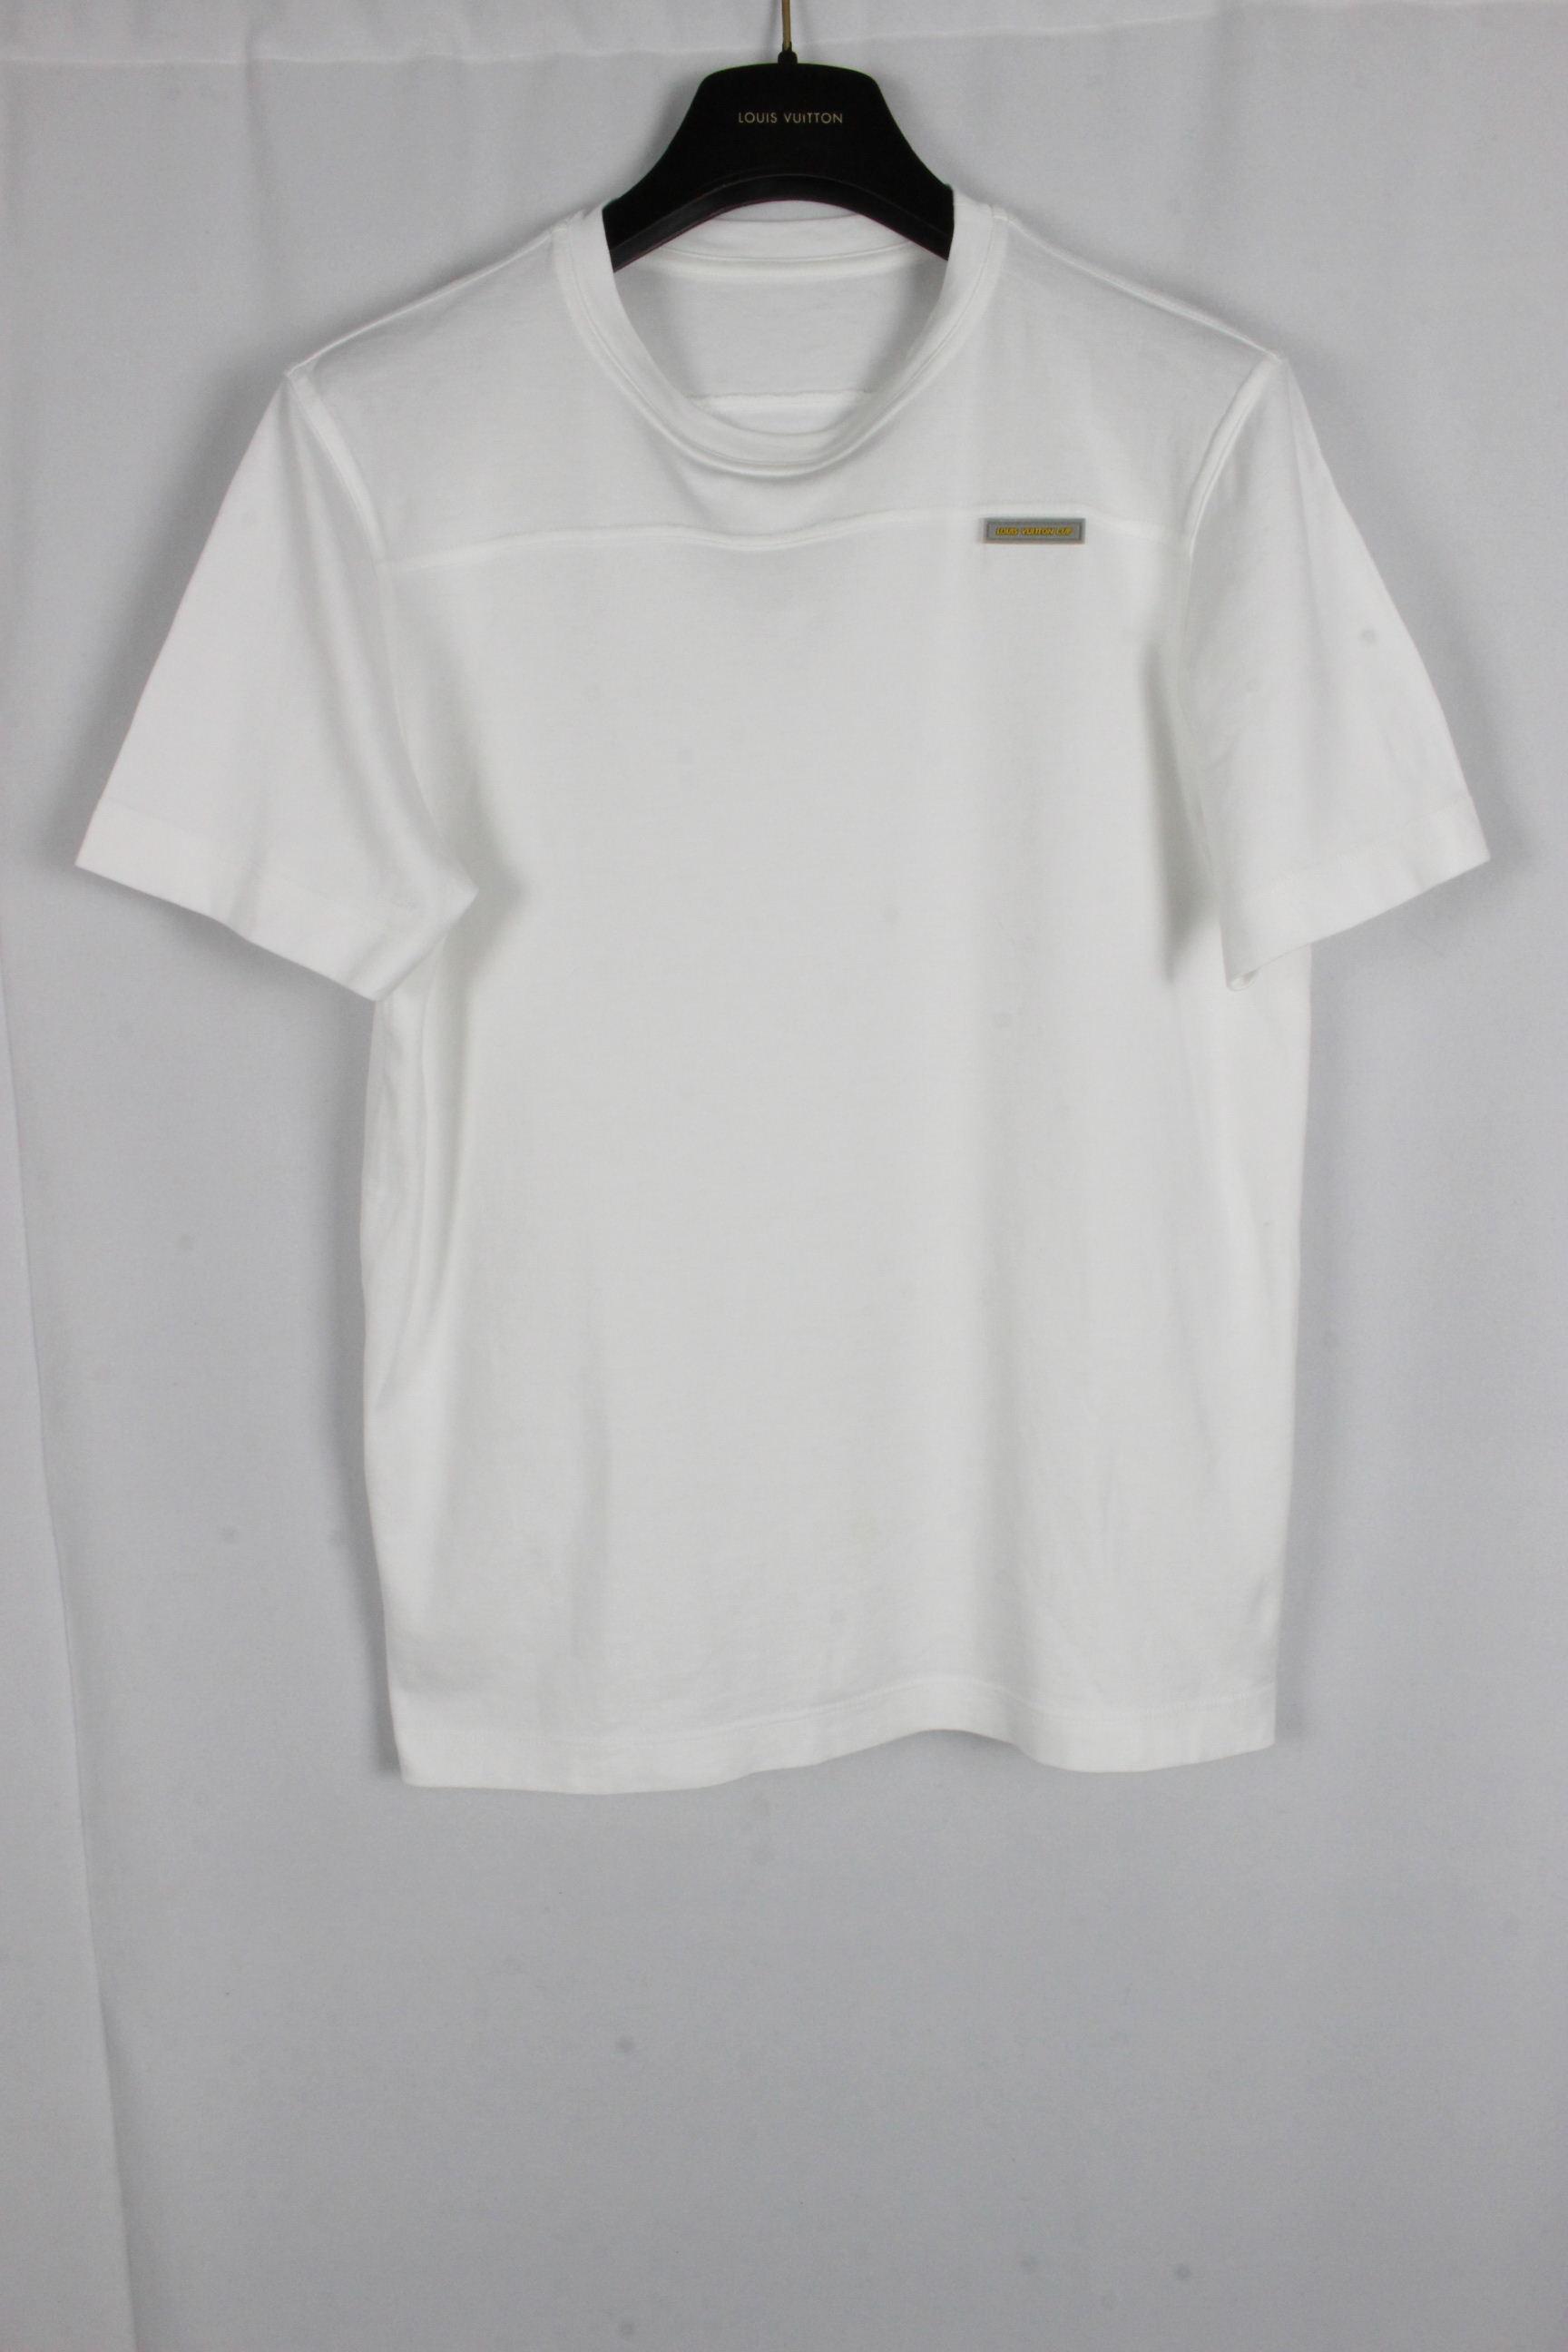 ルイヴィトン [ LOUISVUITTON ] ヴィトンカップ カットソー ホワイト 白 半袖 SIZE[M相当] メンズ ビトン トップス Tシャツ